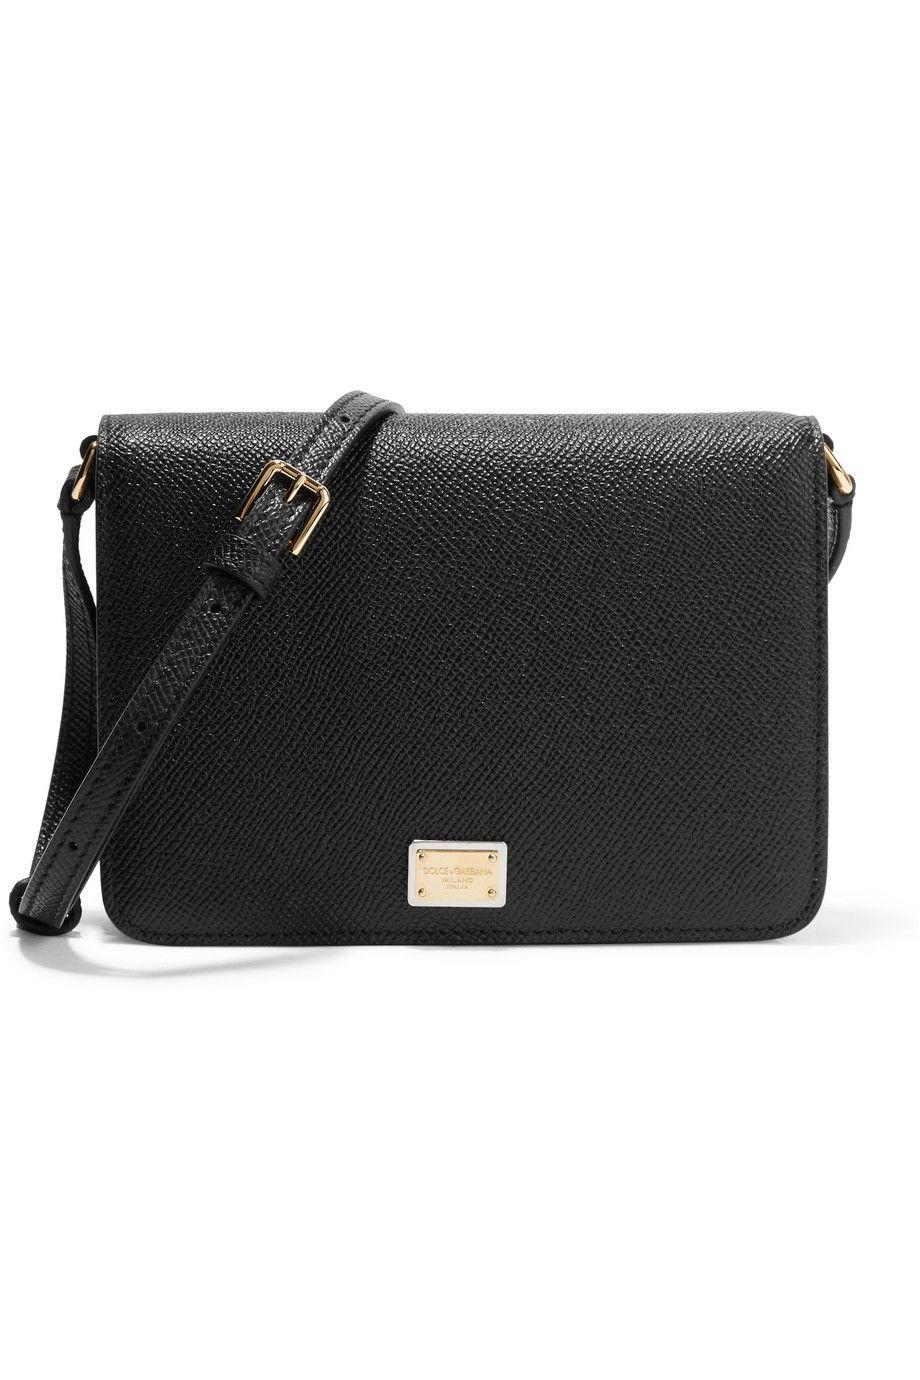 DOLCE   GABBANA Textured-Leather Shoulder Bag.  dolcegabbana  bags  shoulder  bags  leather a7093532912bb